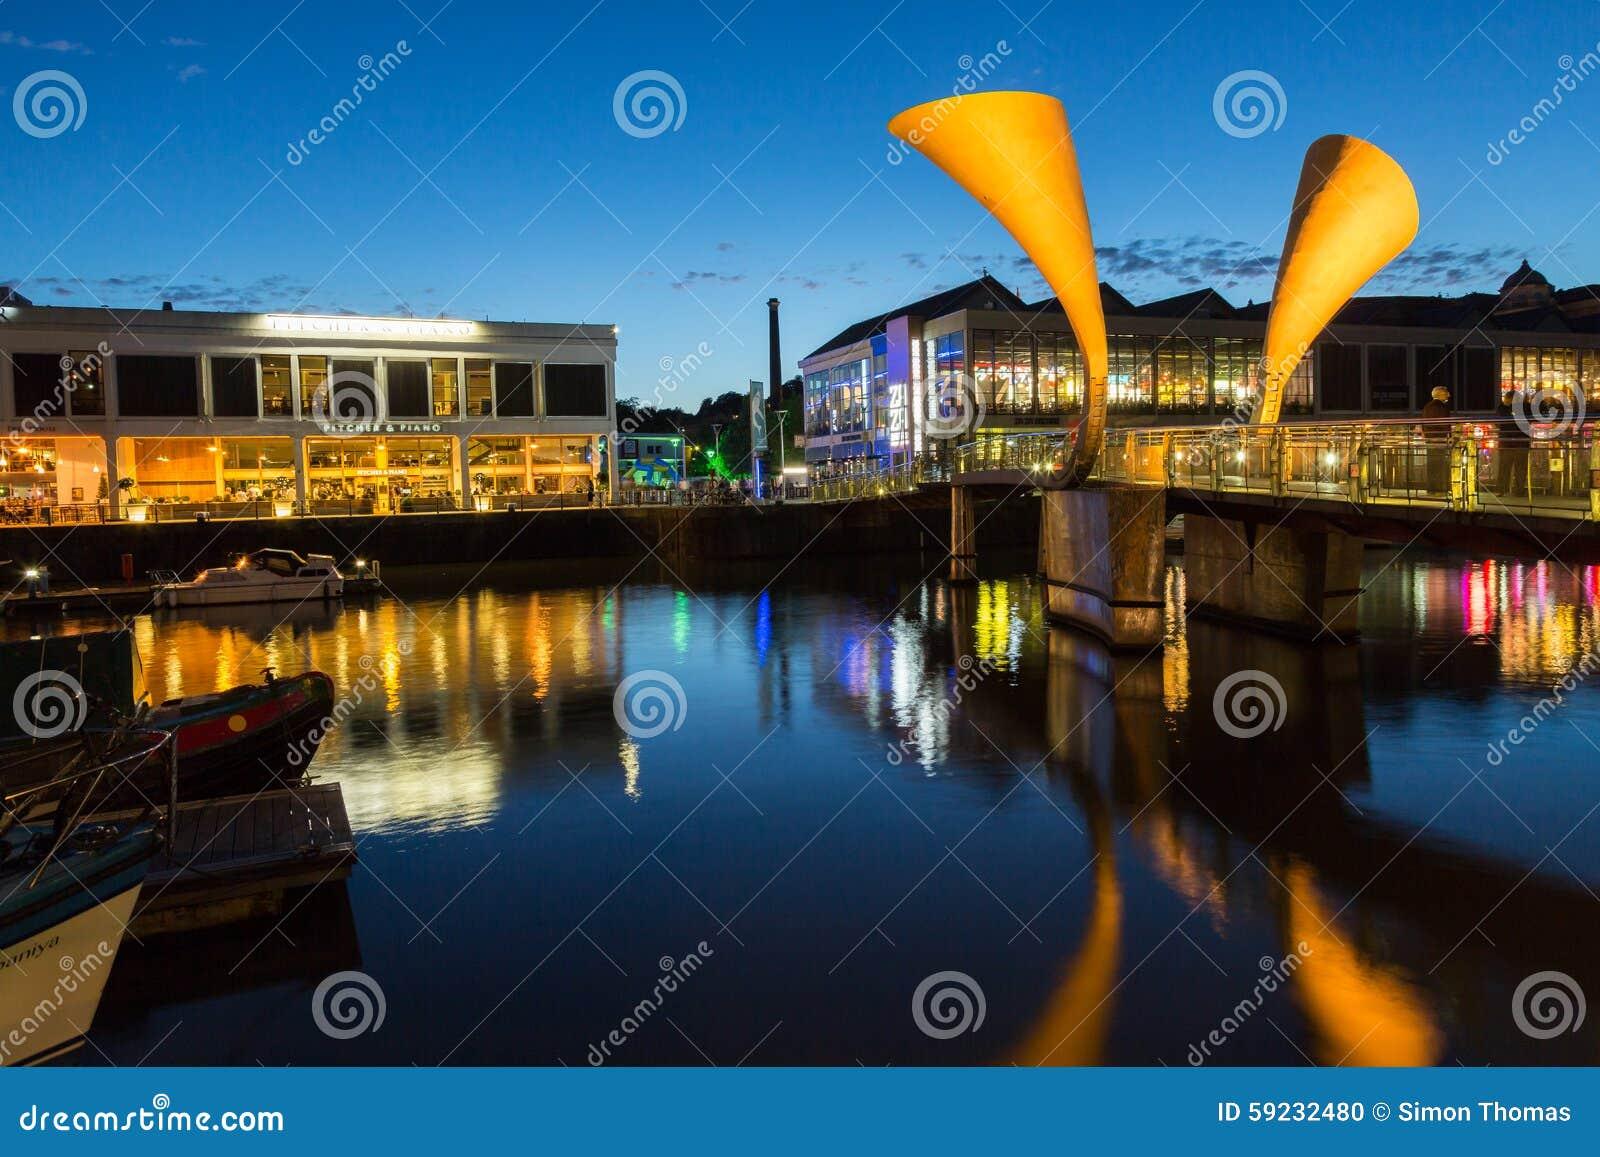 Download Puente Bristol de Peros imagen editorial. Imagen de agua - 59232480